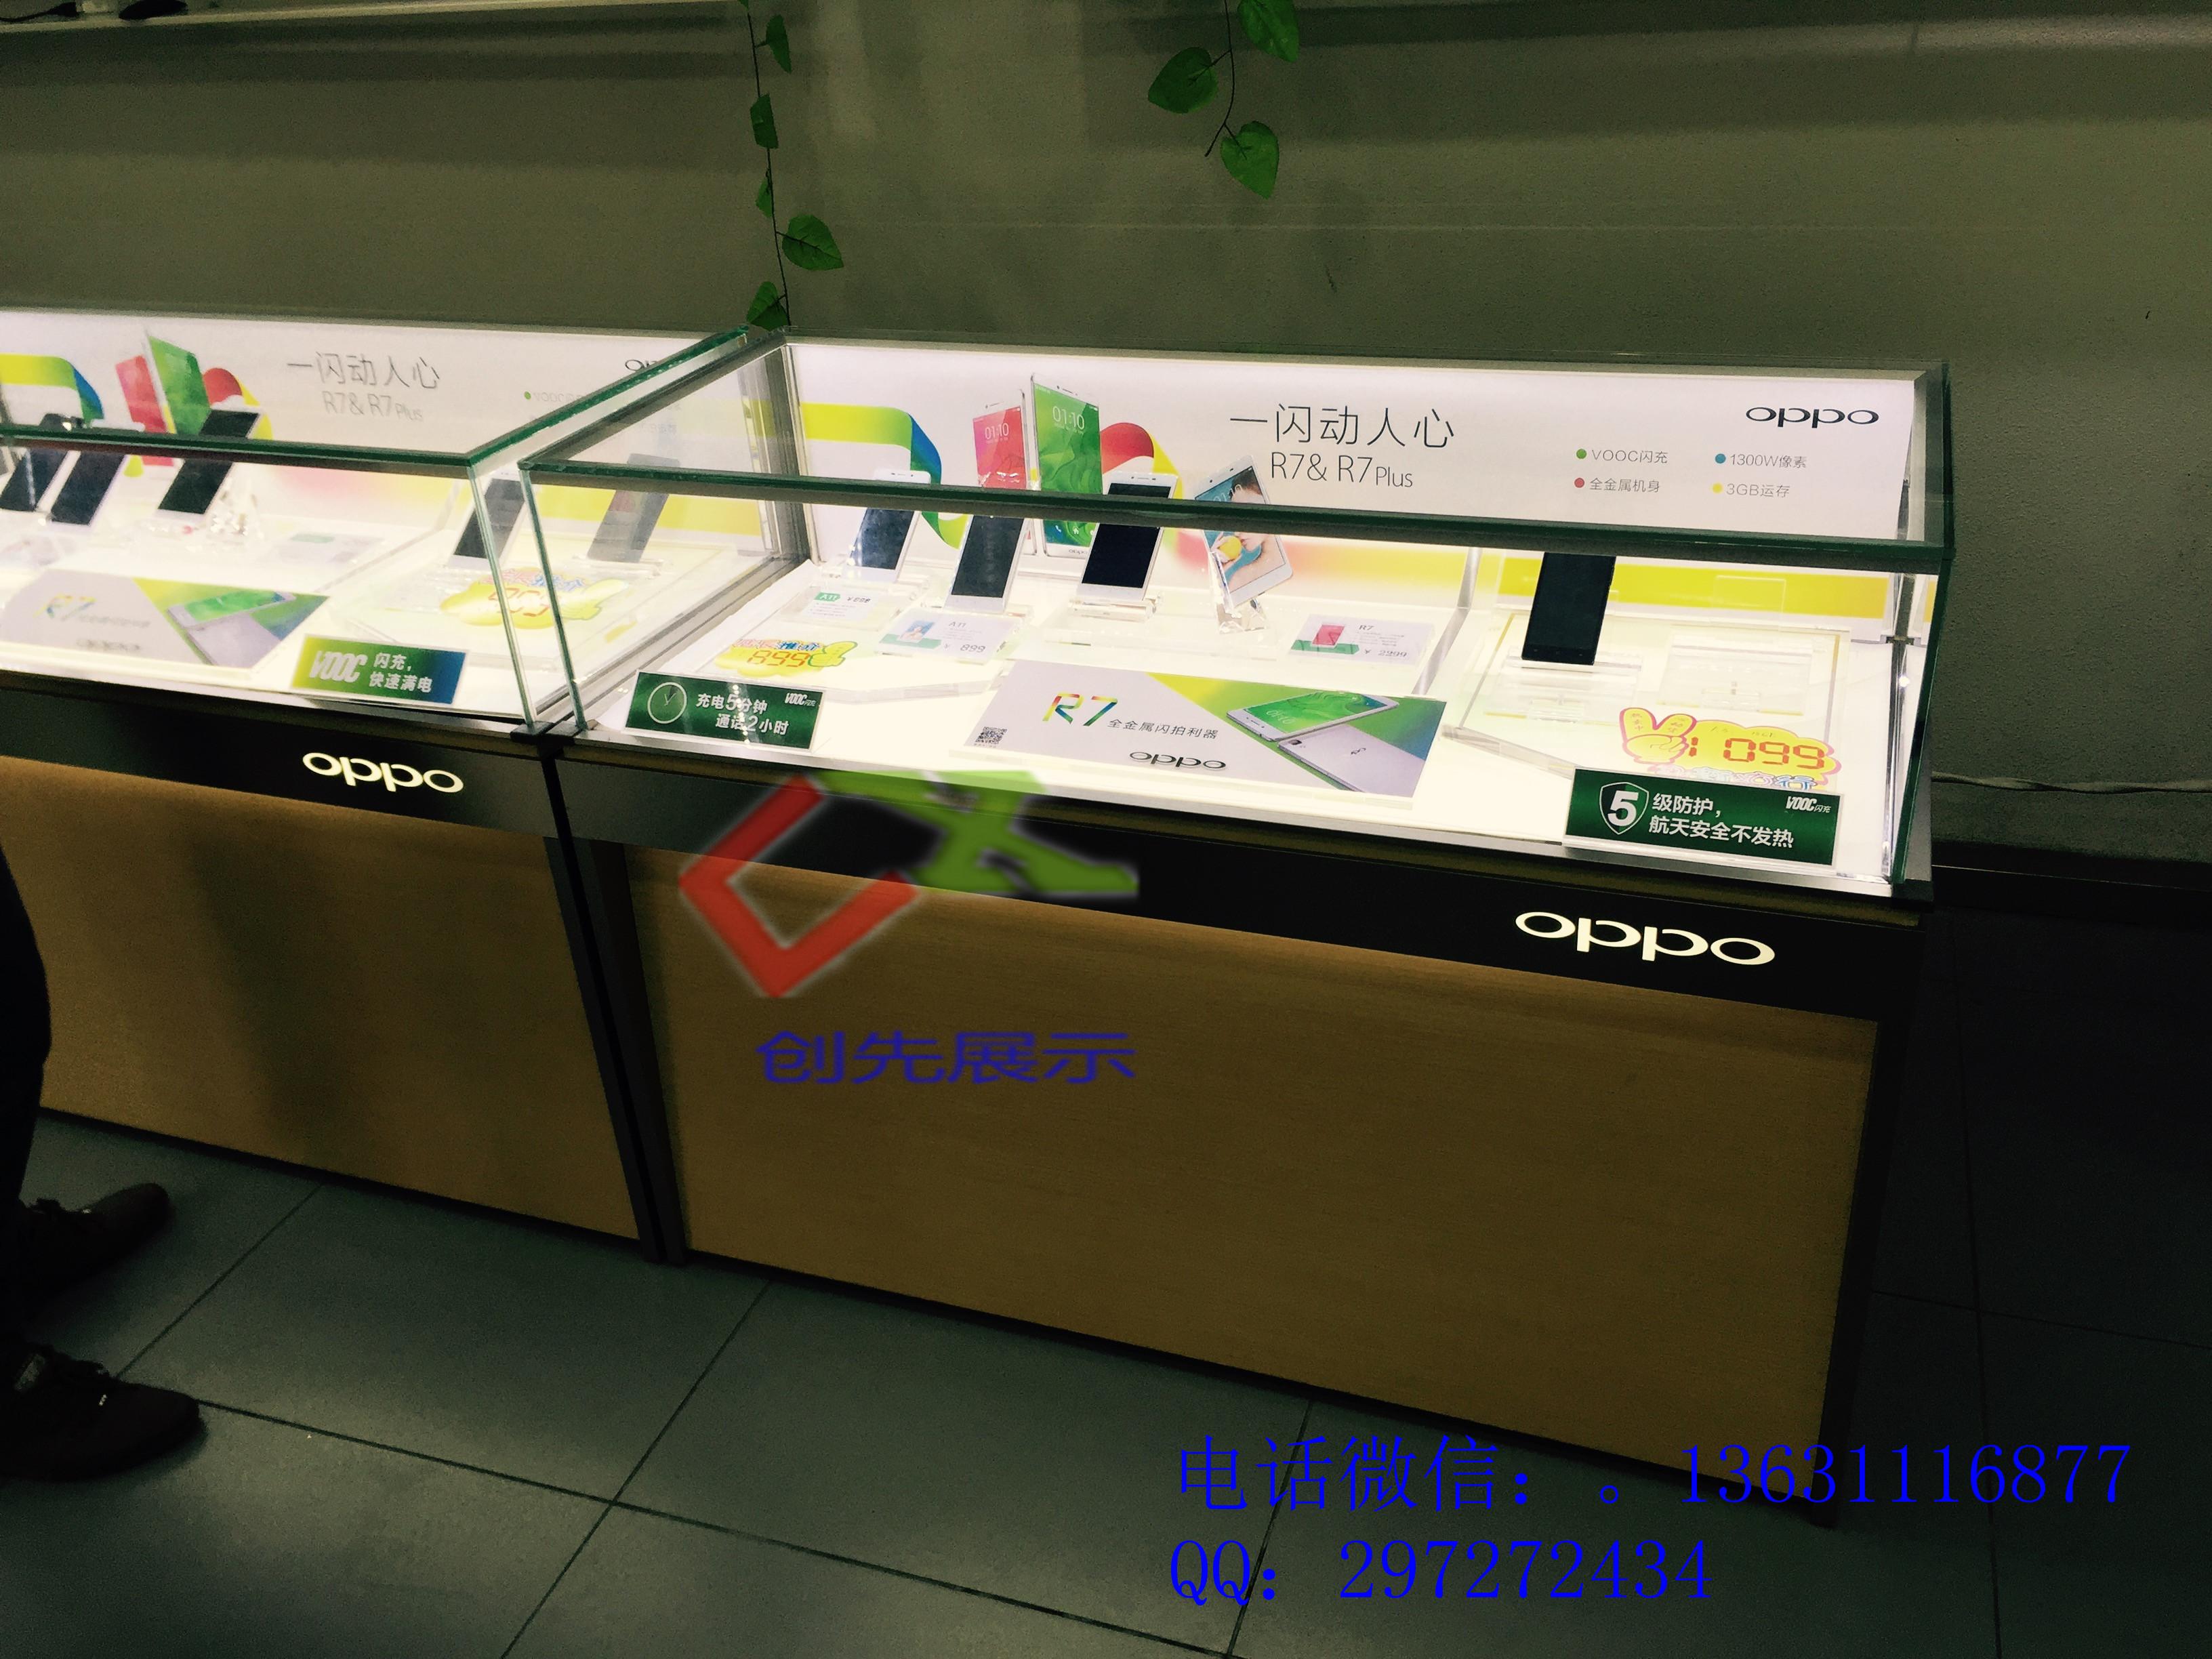 手机柜台手机店装修移动4g电信联通手机展柜小米oppo华为展示柜